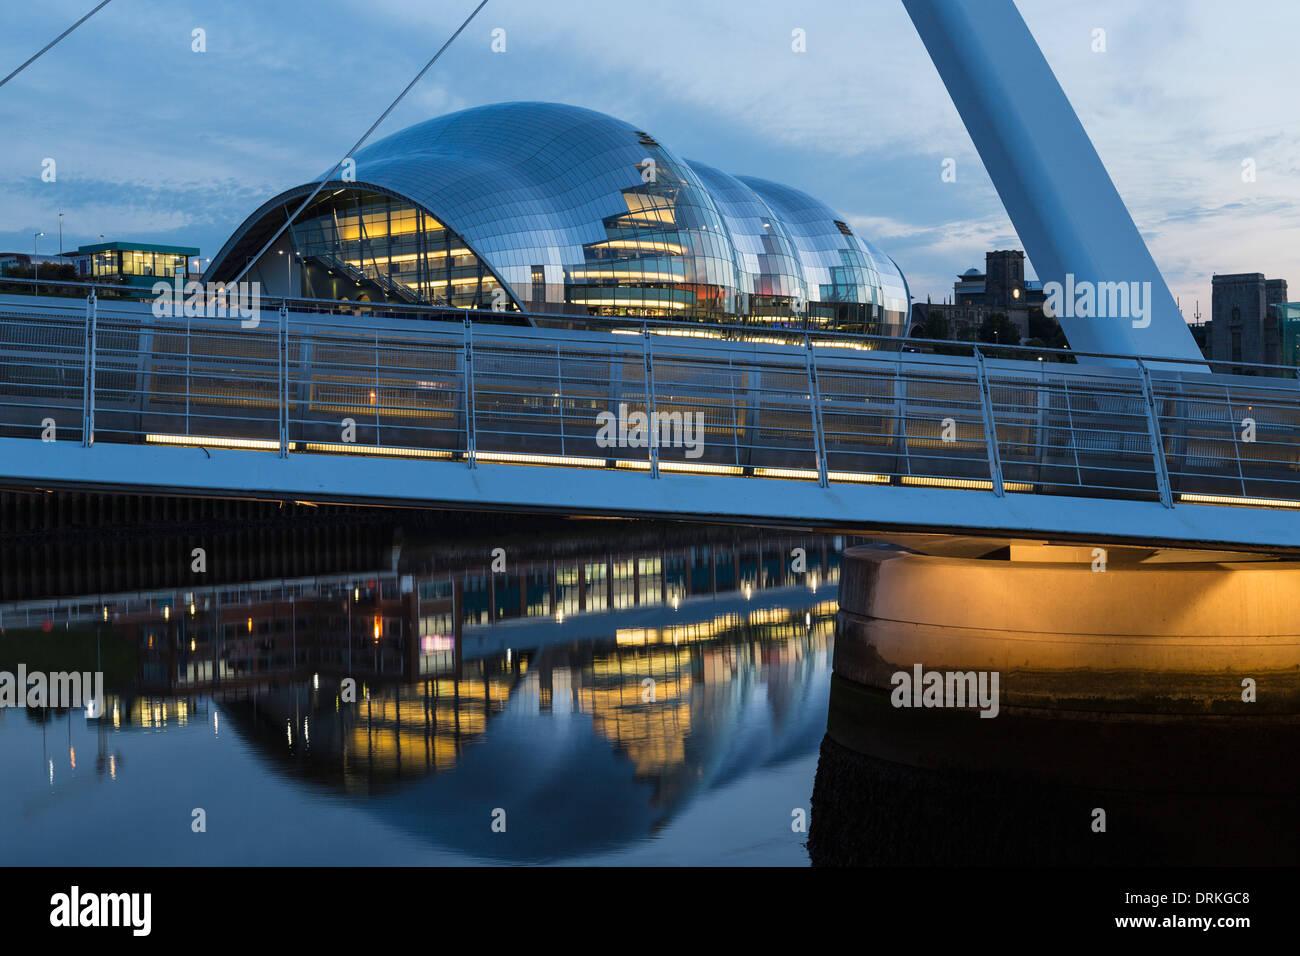 The Sage and Tyne bridges at dusk, Newcastle on Tyne, England - Stock Image